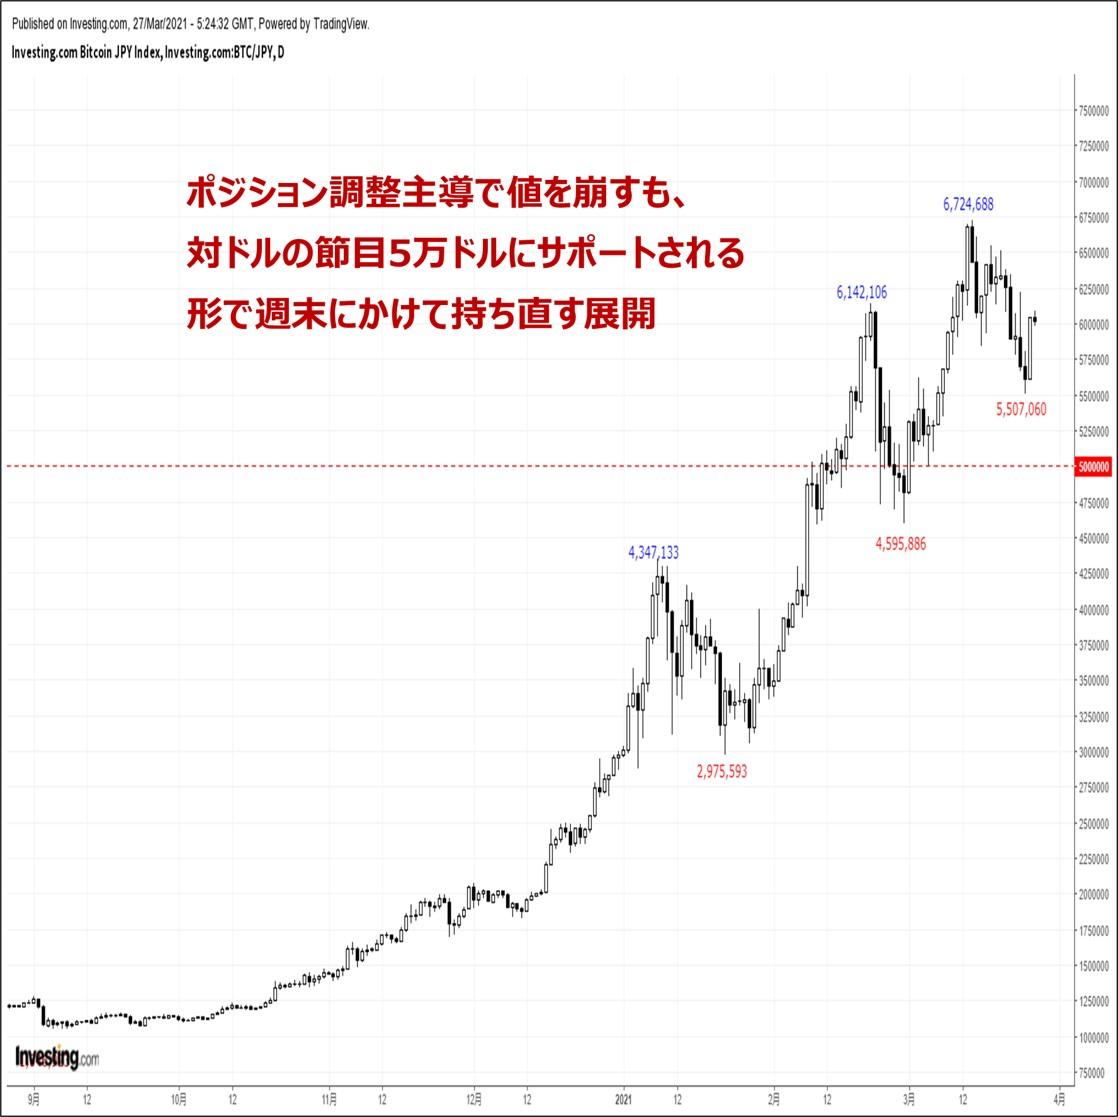 ビットコインの価格分析:『ポジション調整は道半ば。来週も下落基調が継続か』(3/27)